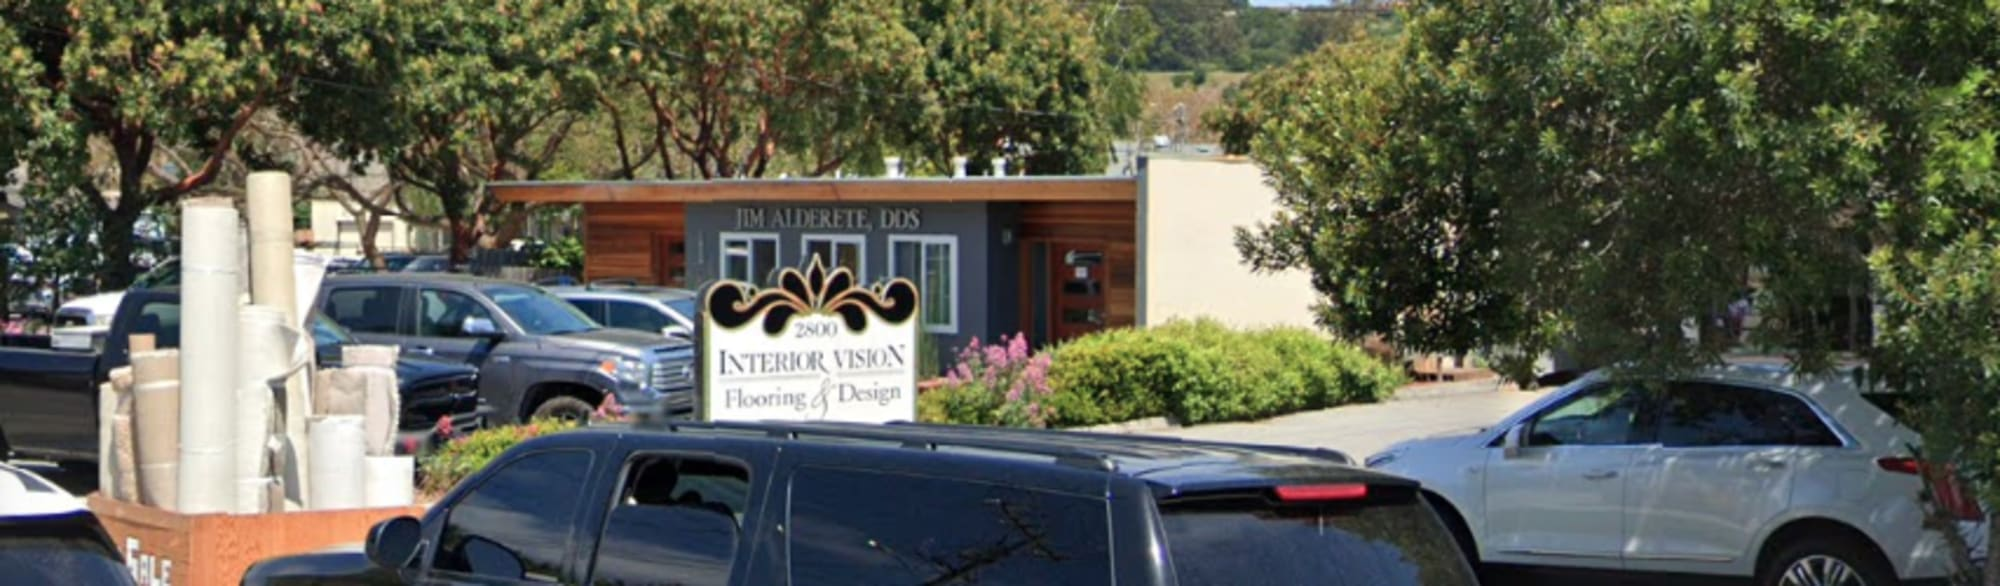 Interior Vision Flooring & Design - 2800 Daubenbiss Ave Soquel, CA 95073